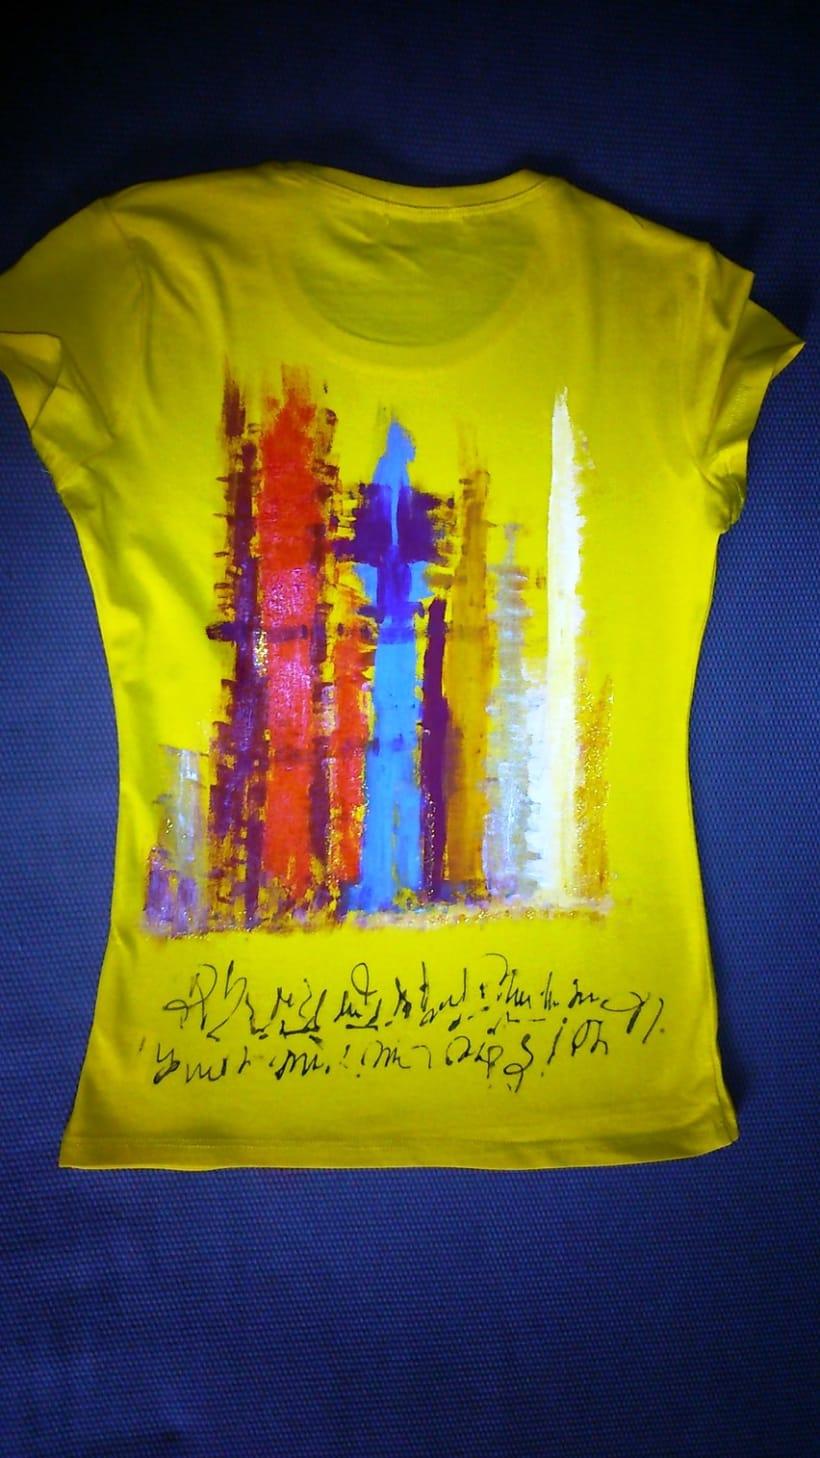 Coleccion Especial para Grupo Aldo / Collage y Camisetas 15